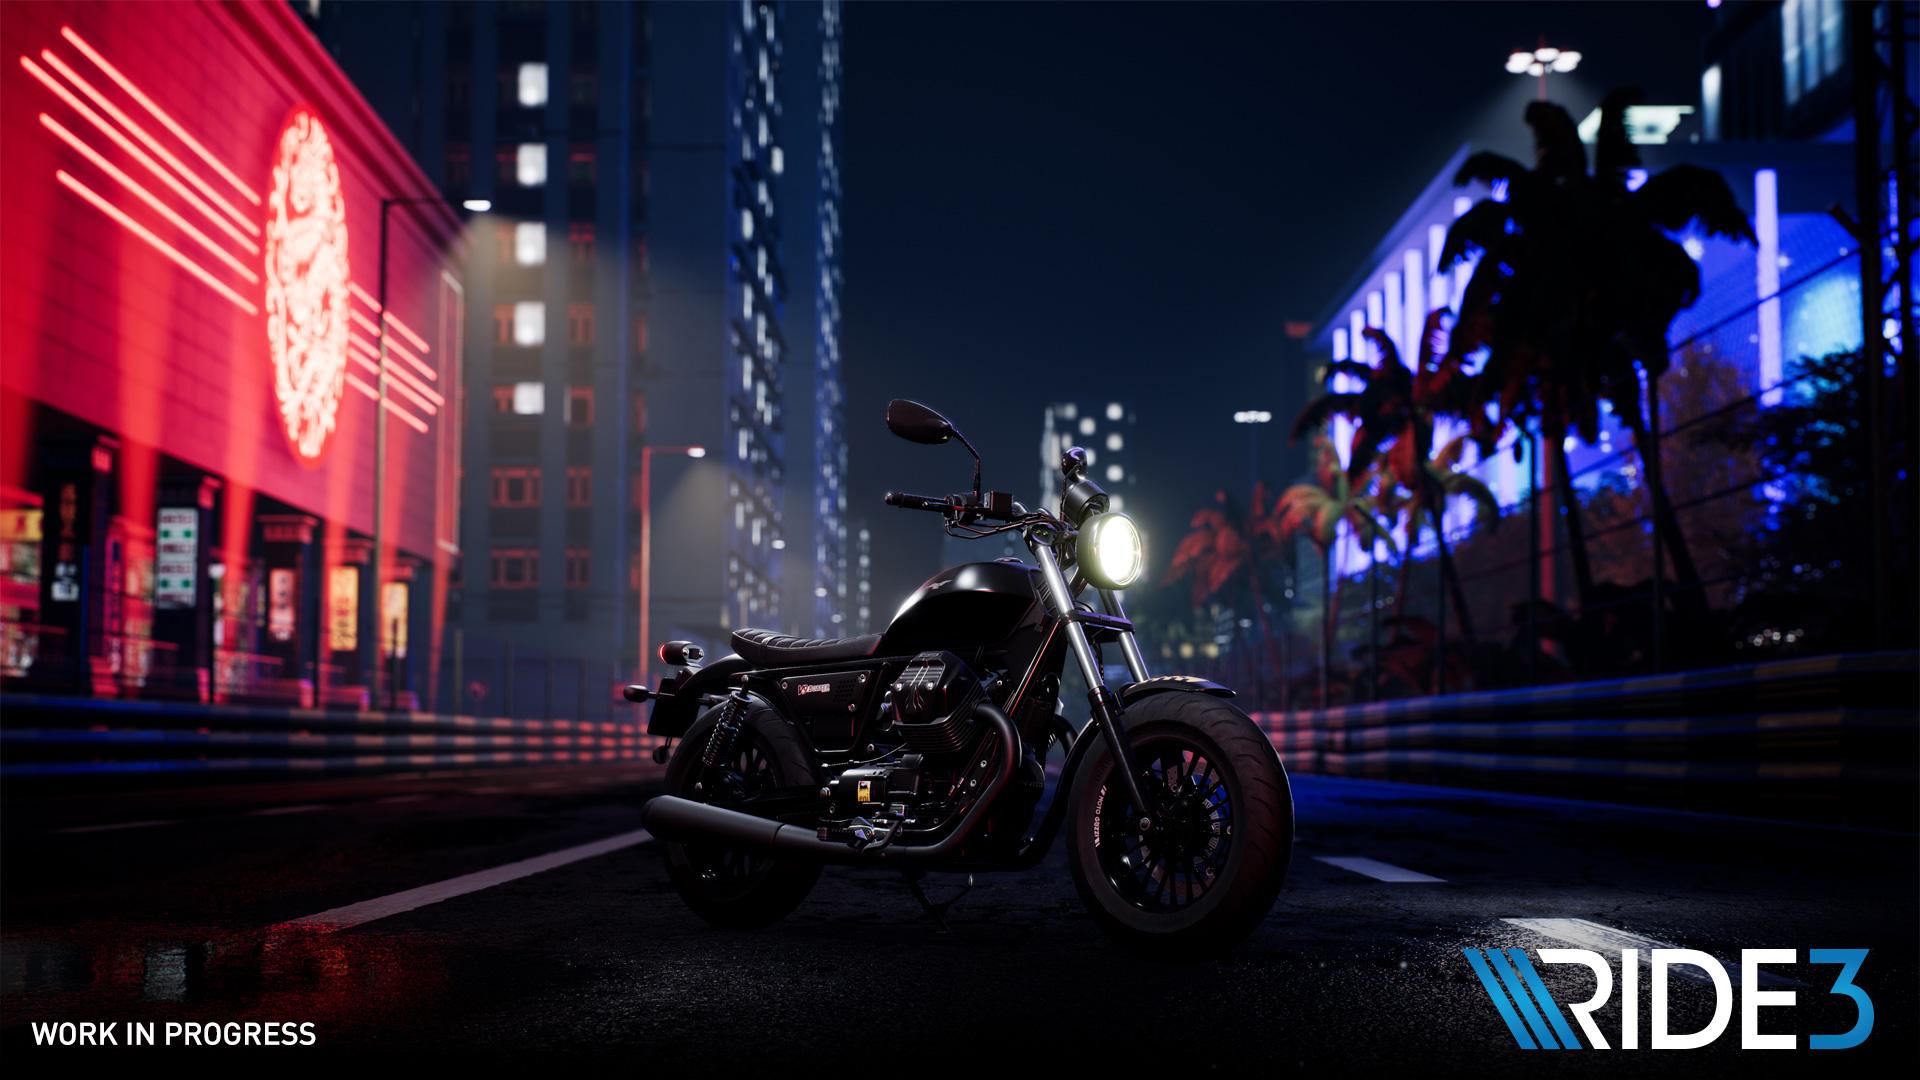 Ride 3 (PC, PS4, XBOX ONE) 1526459037-907-capture-d-ecran